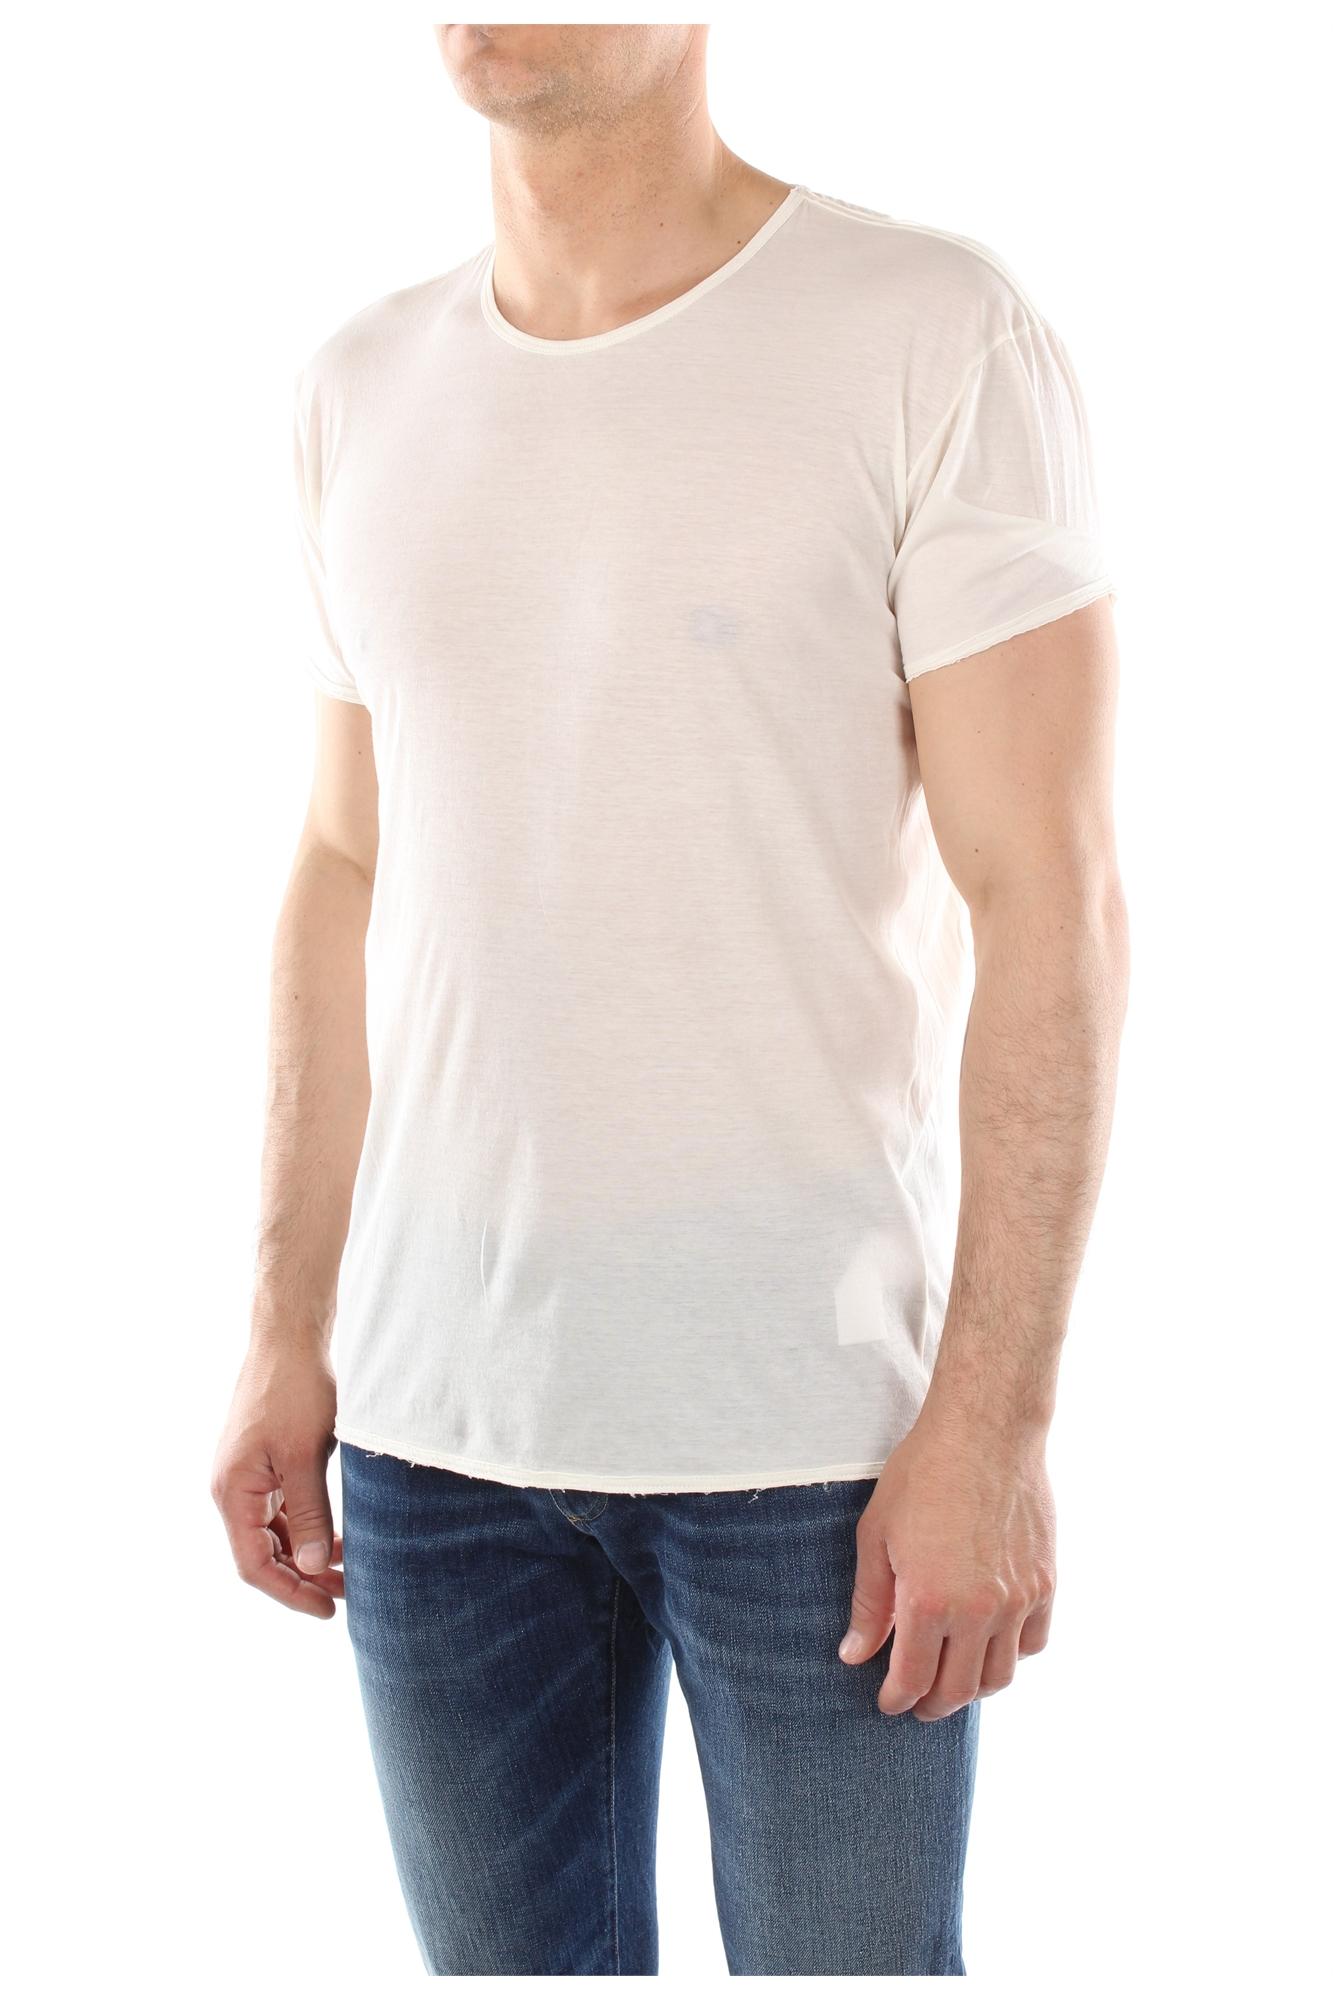 T Shirt Dolce Gabbana Men Cotton White G8v00tg7gy7w3789 Ebay